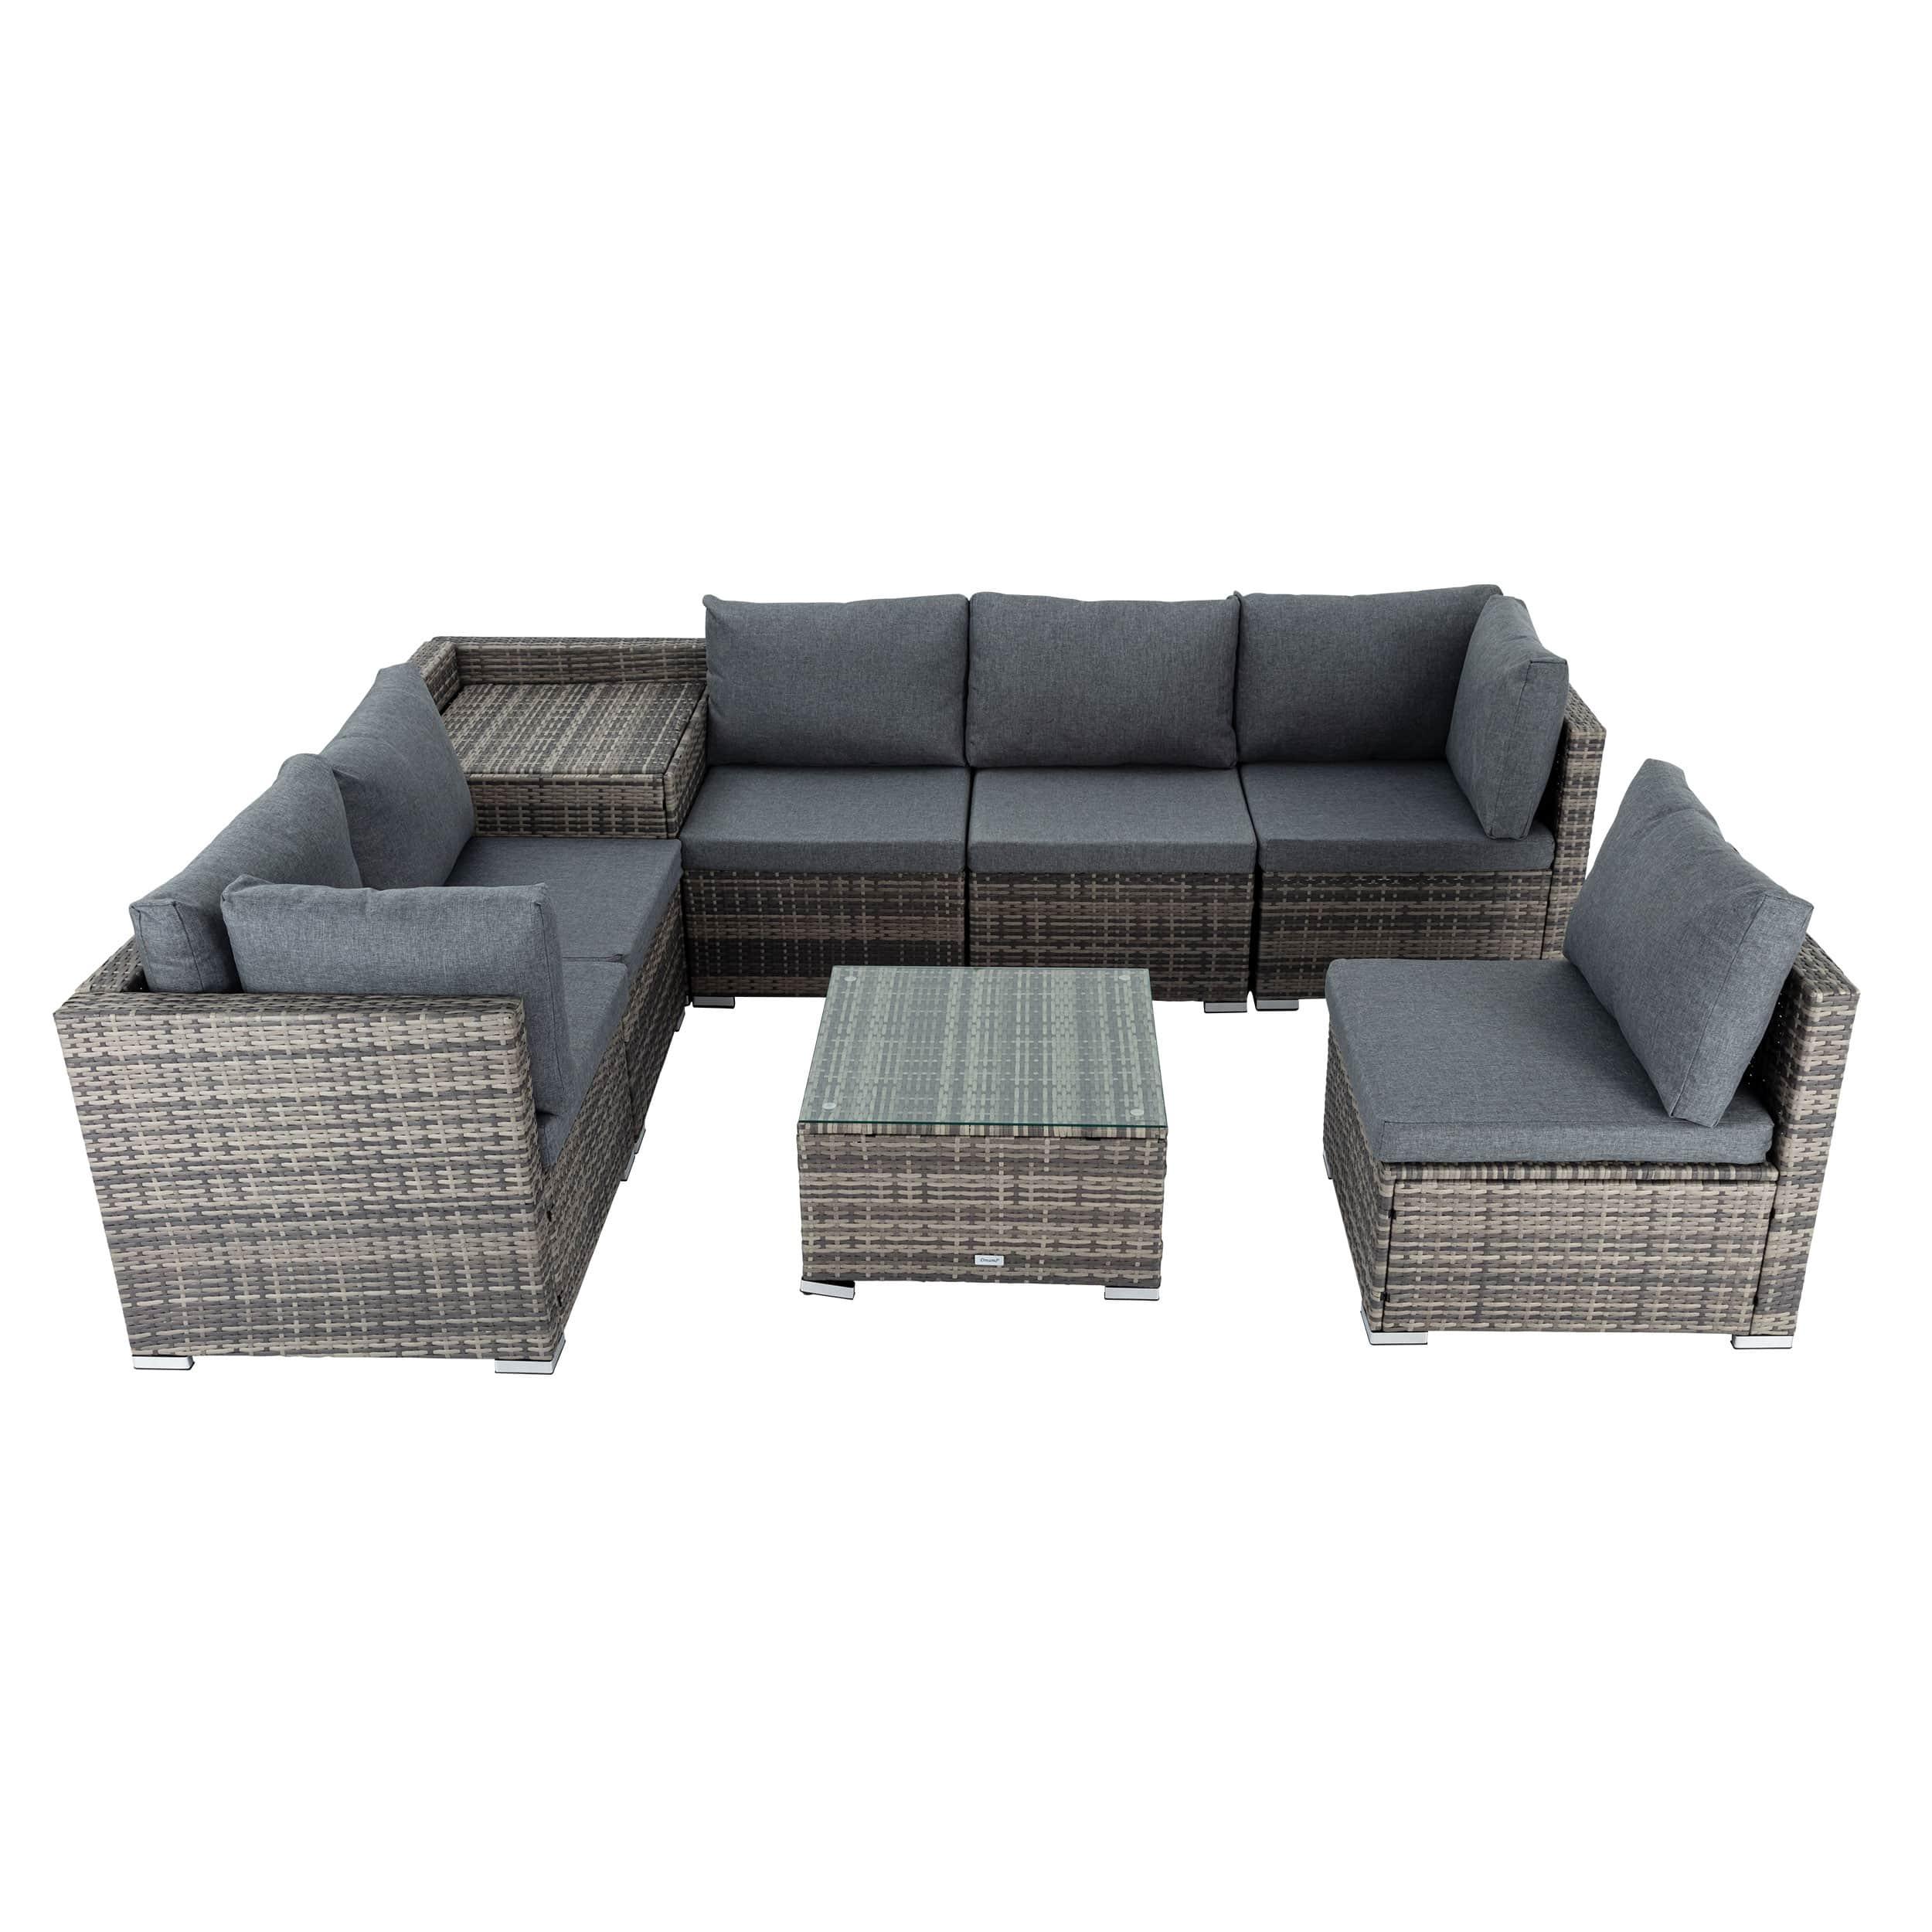 8PCS Outdoor Furniture Modular Lounge Sofa Lizard - Grey